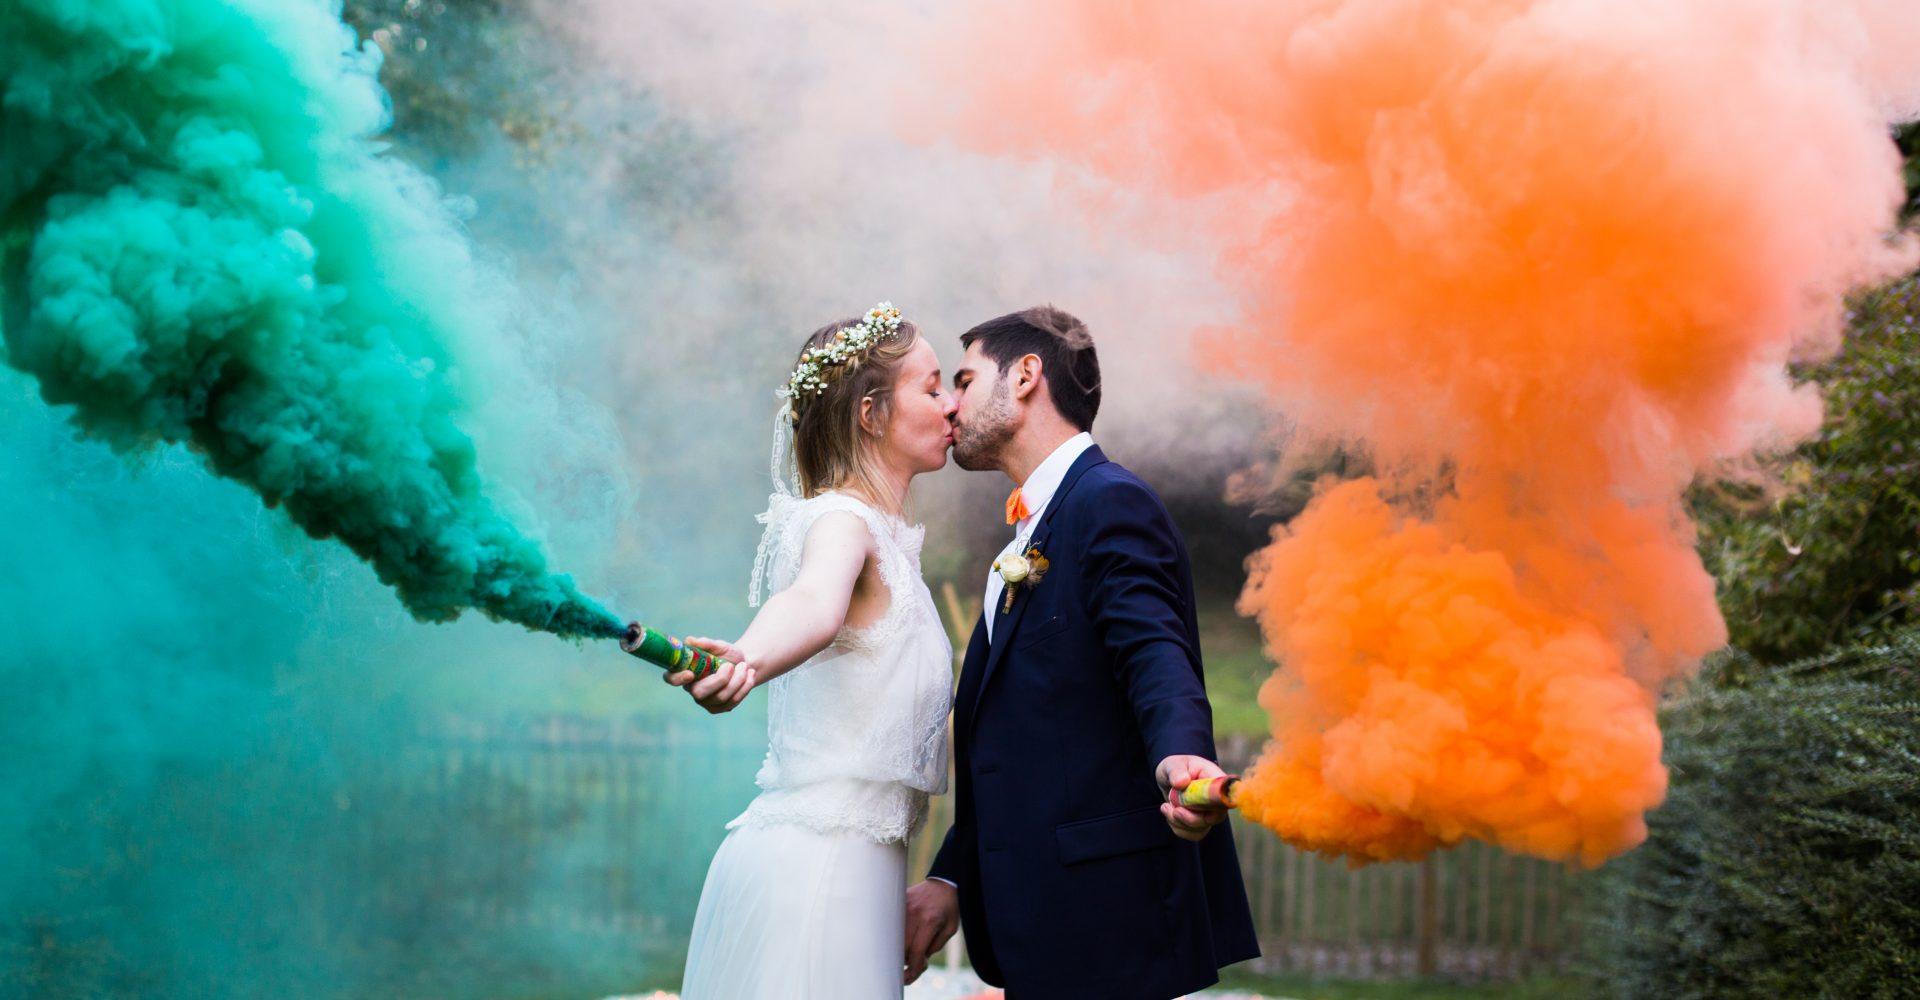 mariage-boheme-couleur-fumigenes